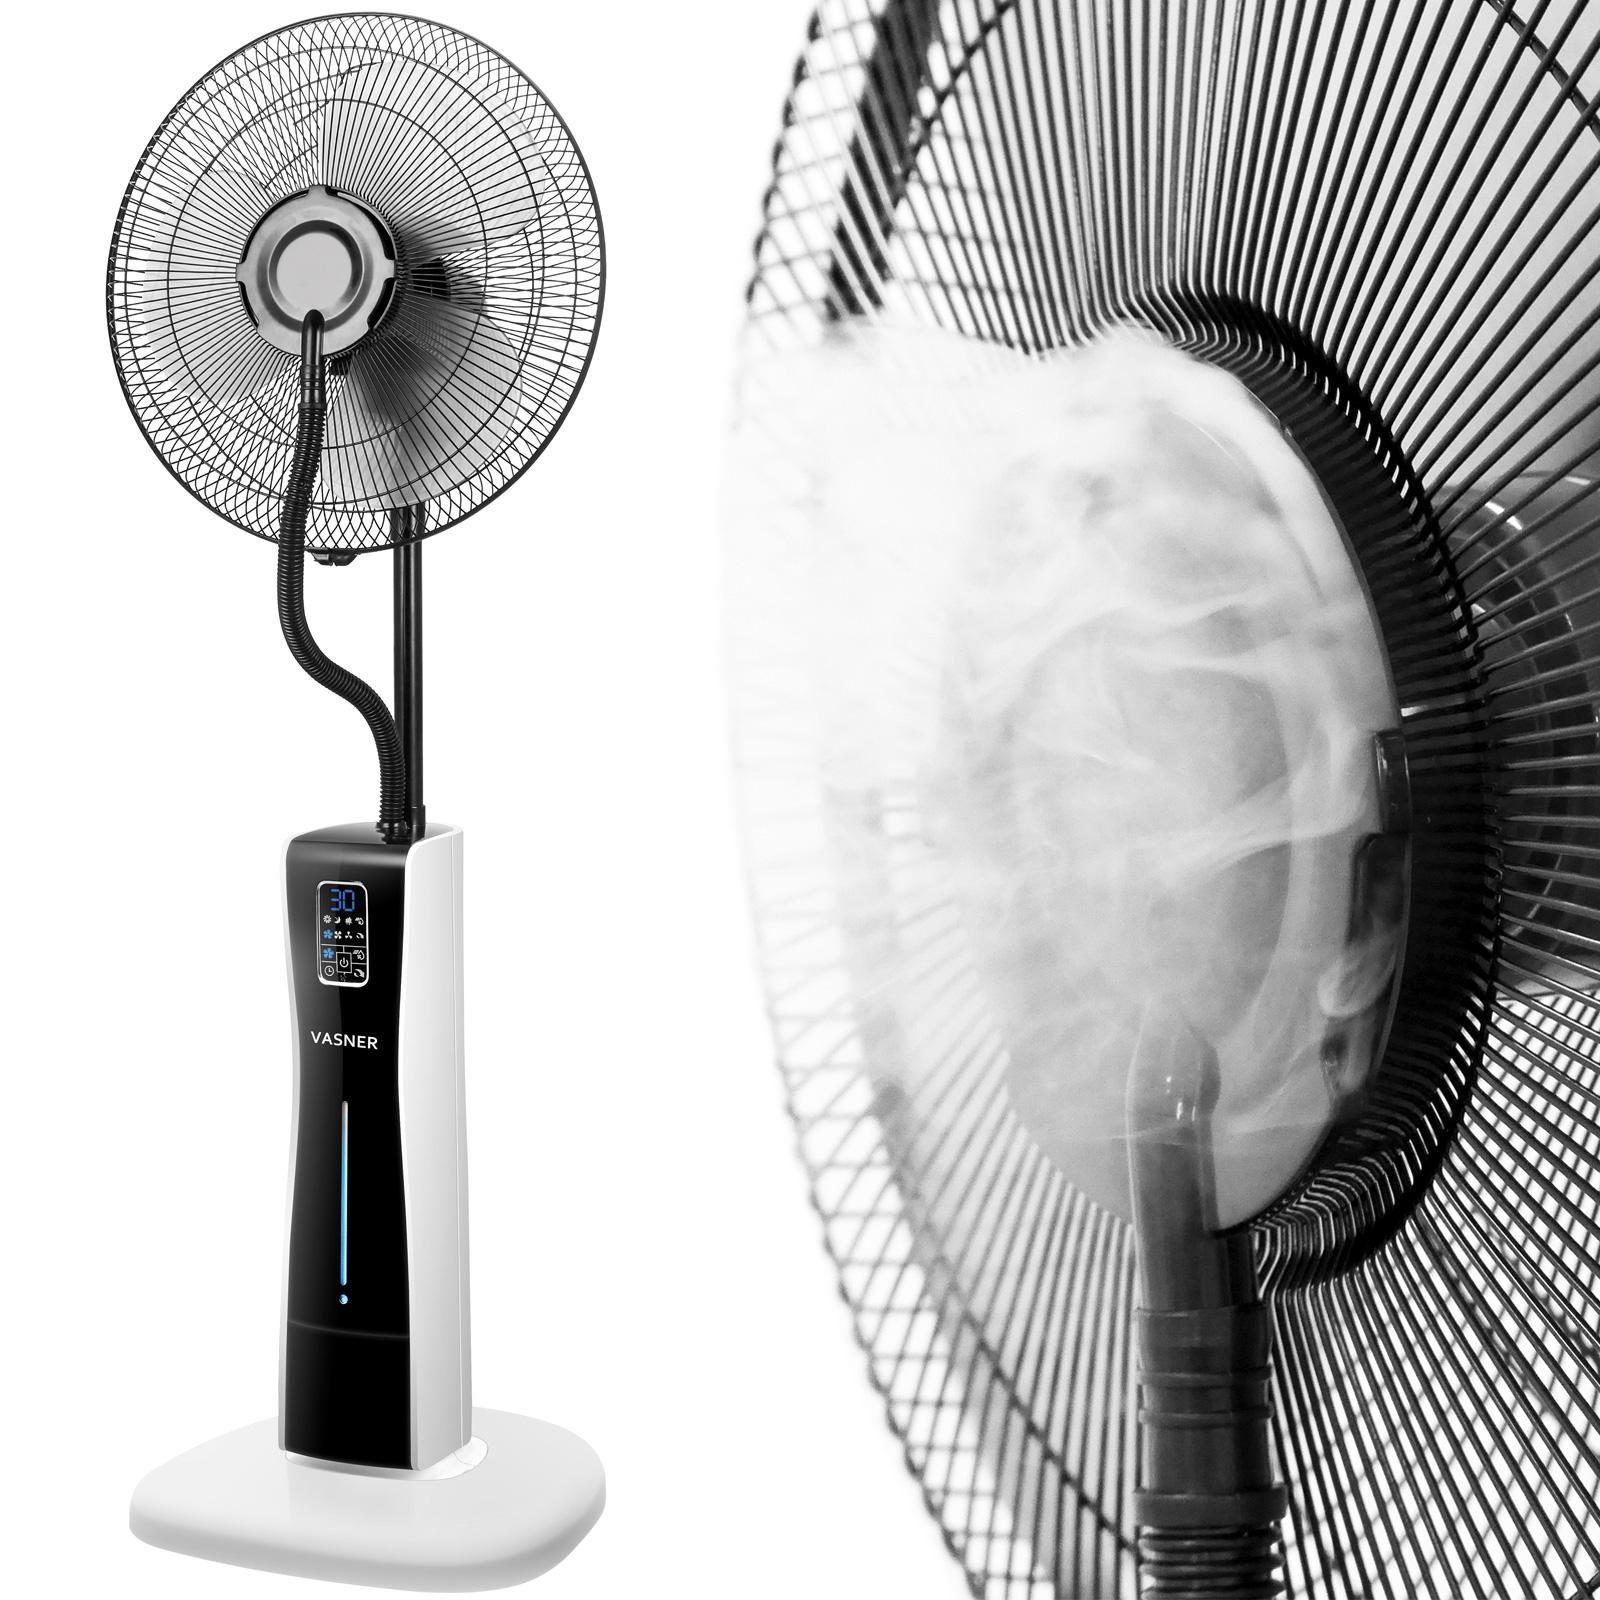 Der VASNER Cooly Ultraschall Sprühnebel Ventilator - Erfrischt die Gäste Ihrer Sommerparty auch draußen auf der Terrasse